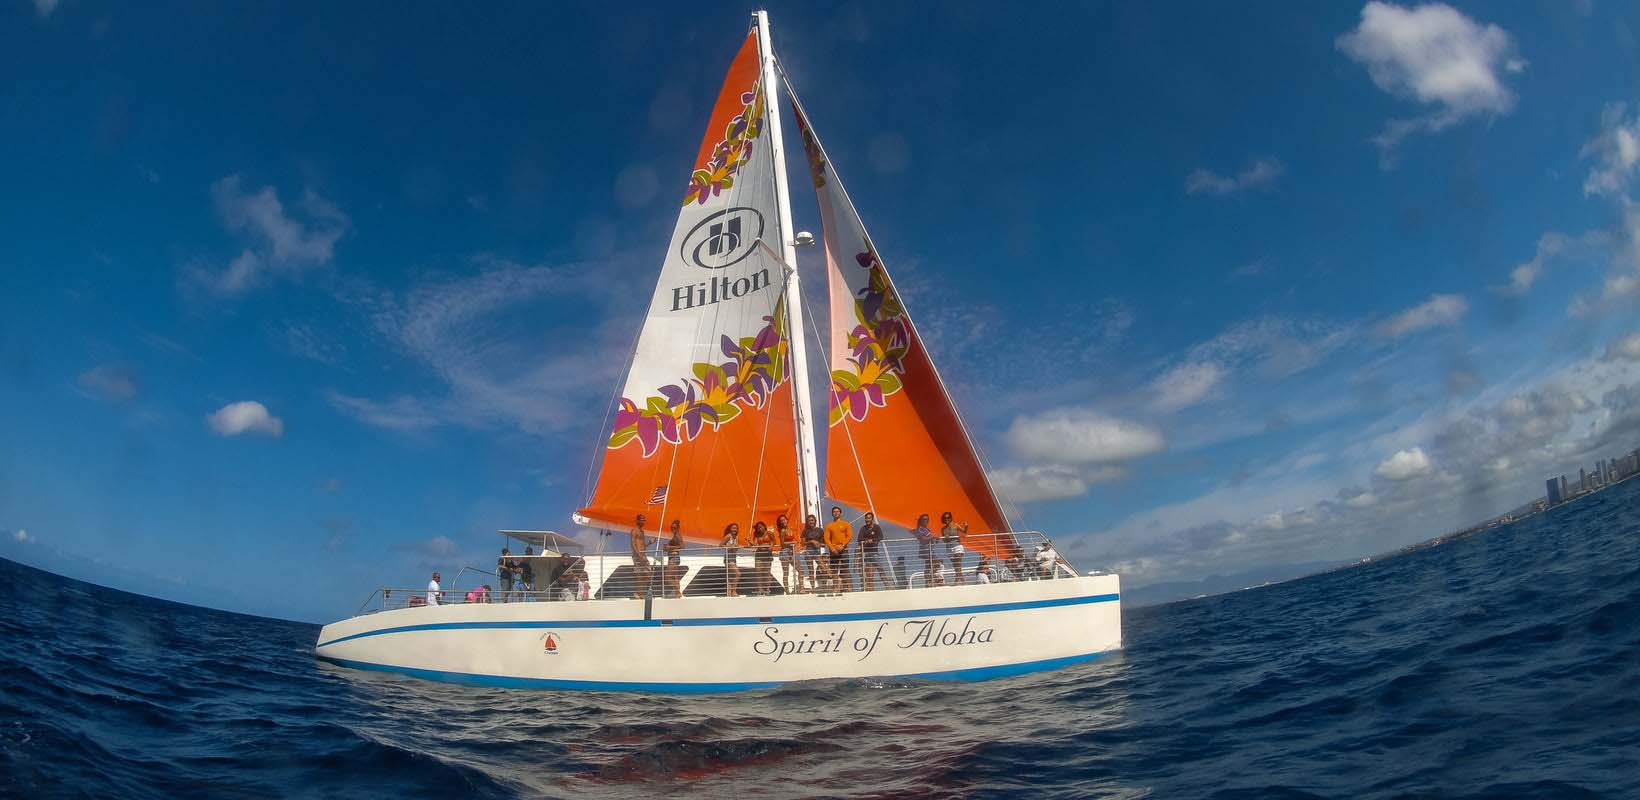 Hawaii Catamaran Sailing and Snorkeling Excursion